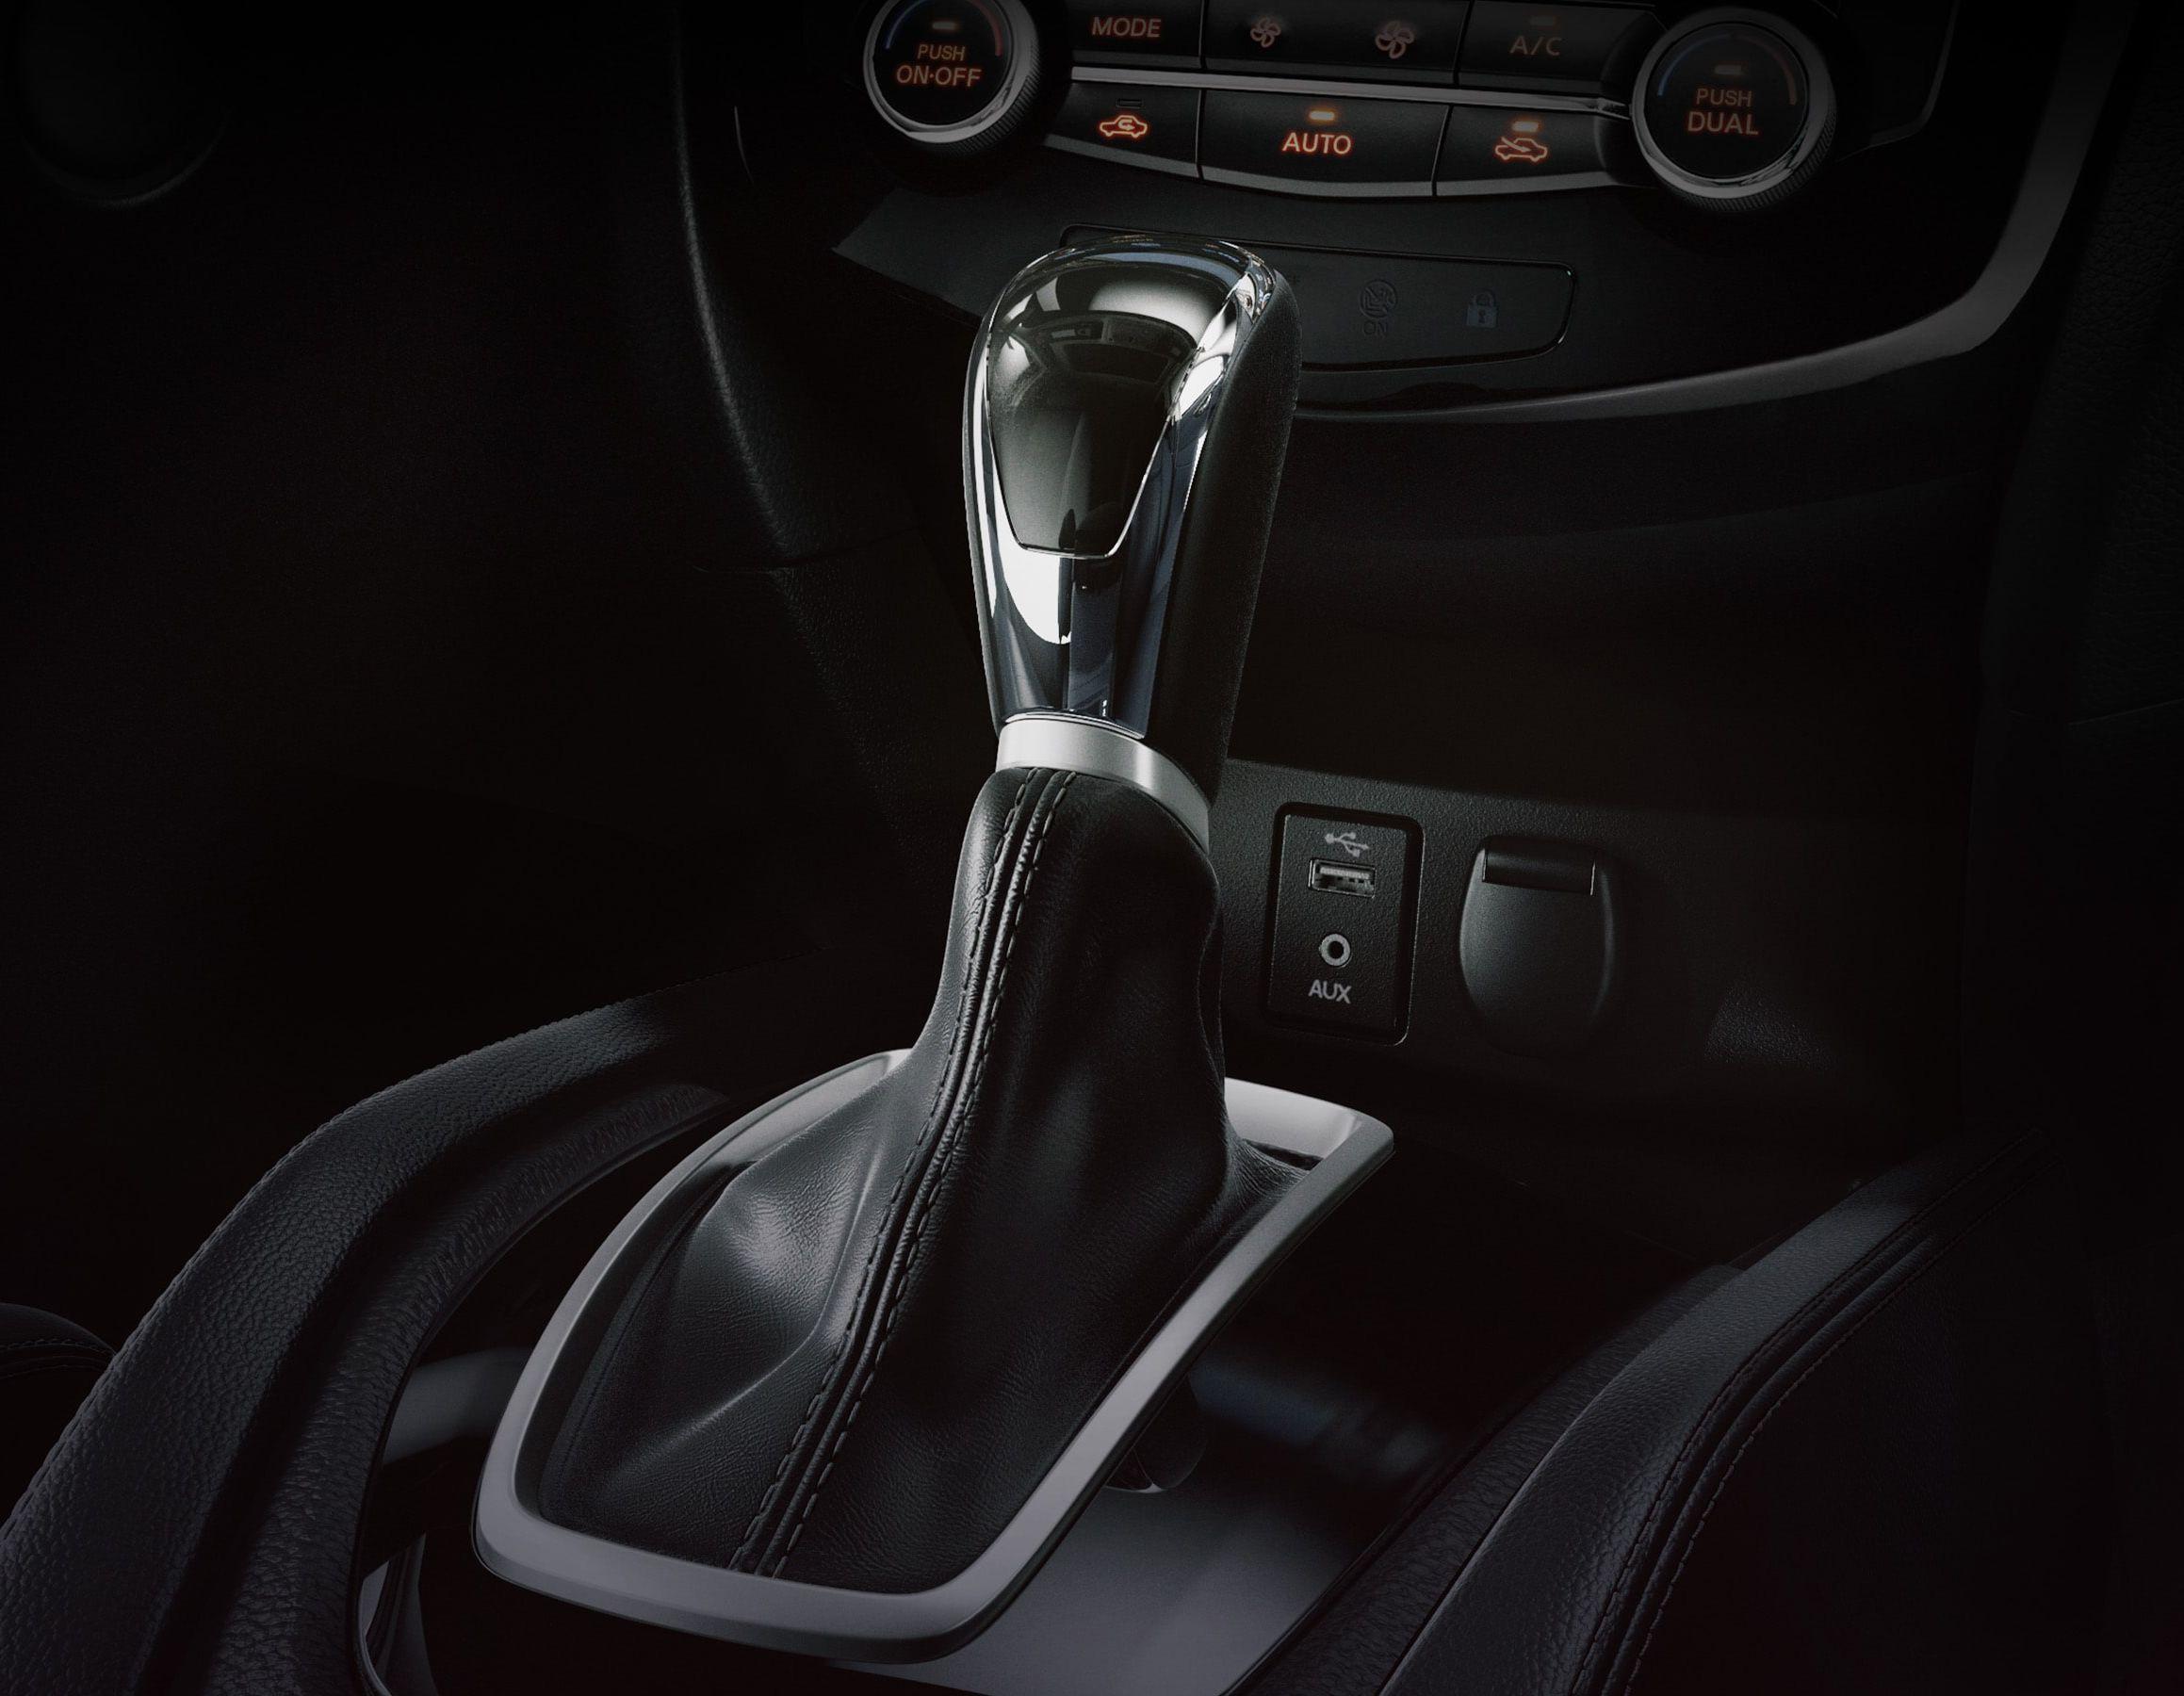 2019 Nissan Rogue Sport Gear Shifter